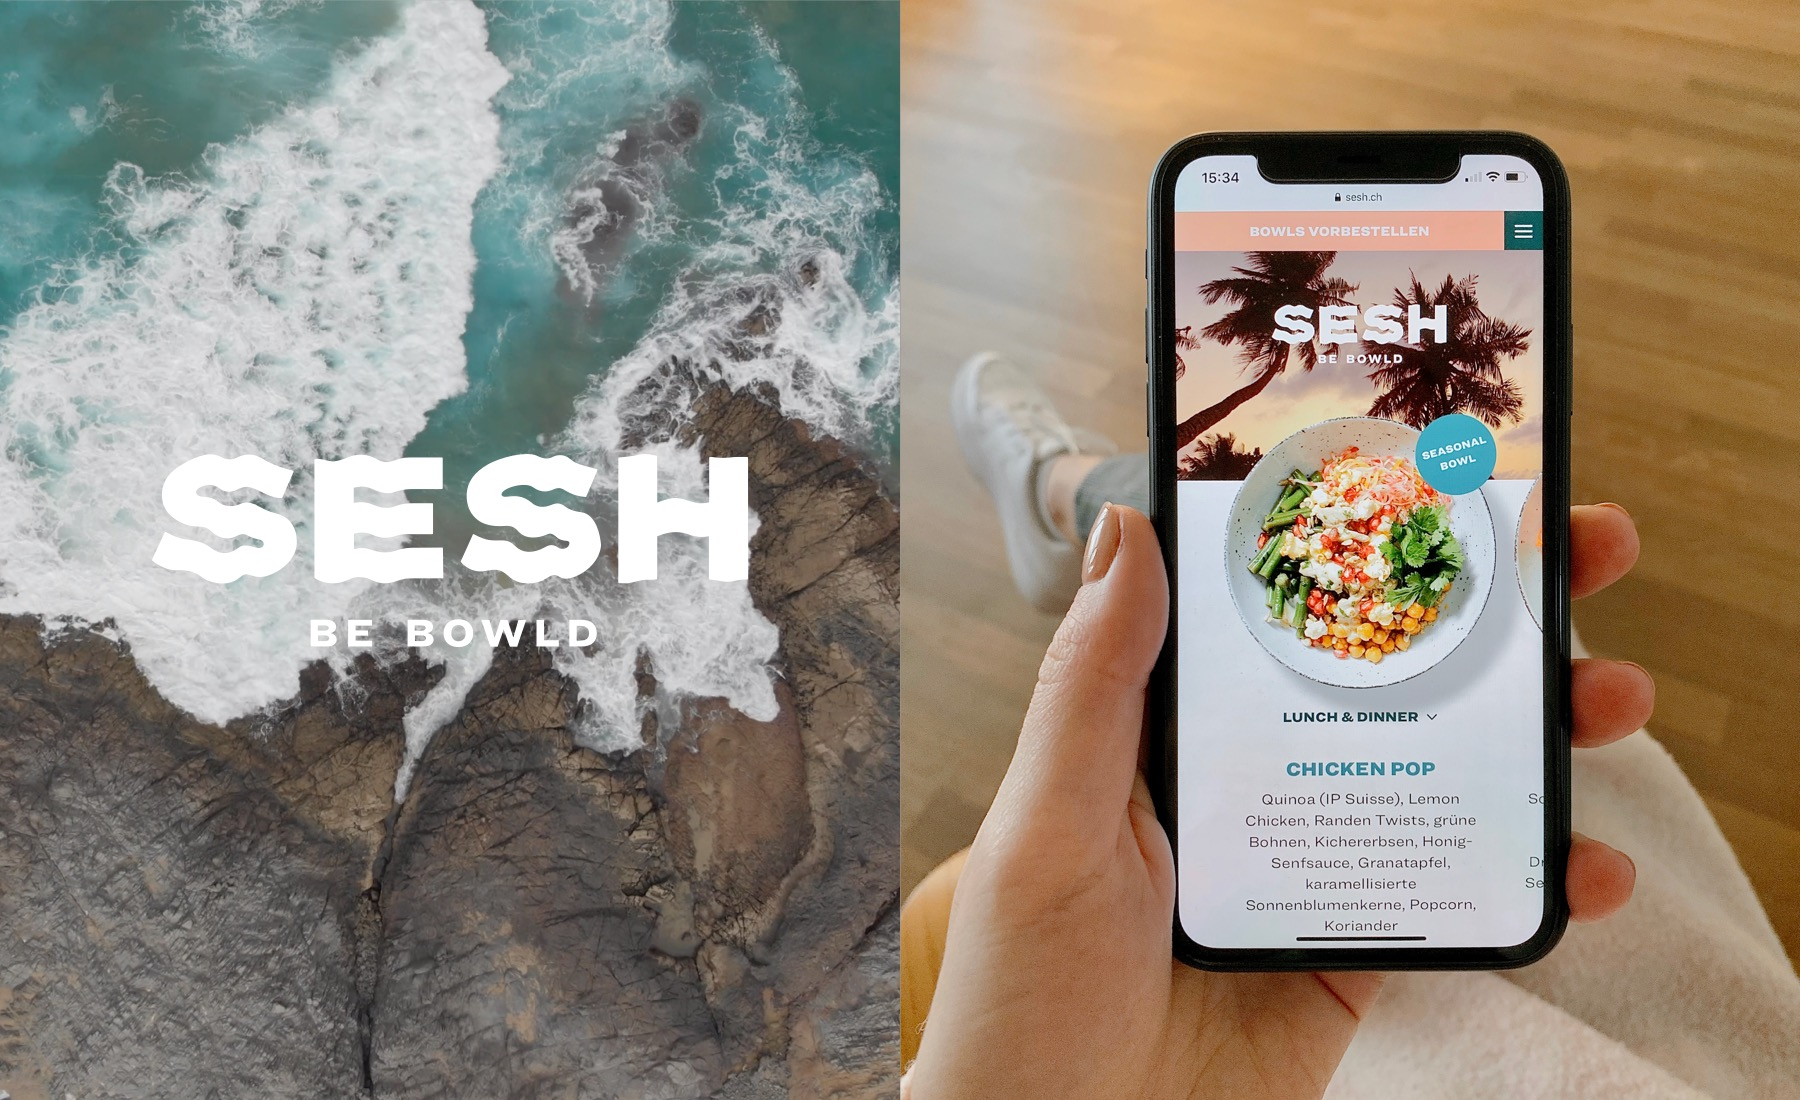 sesh-teaser-mobile-mood